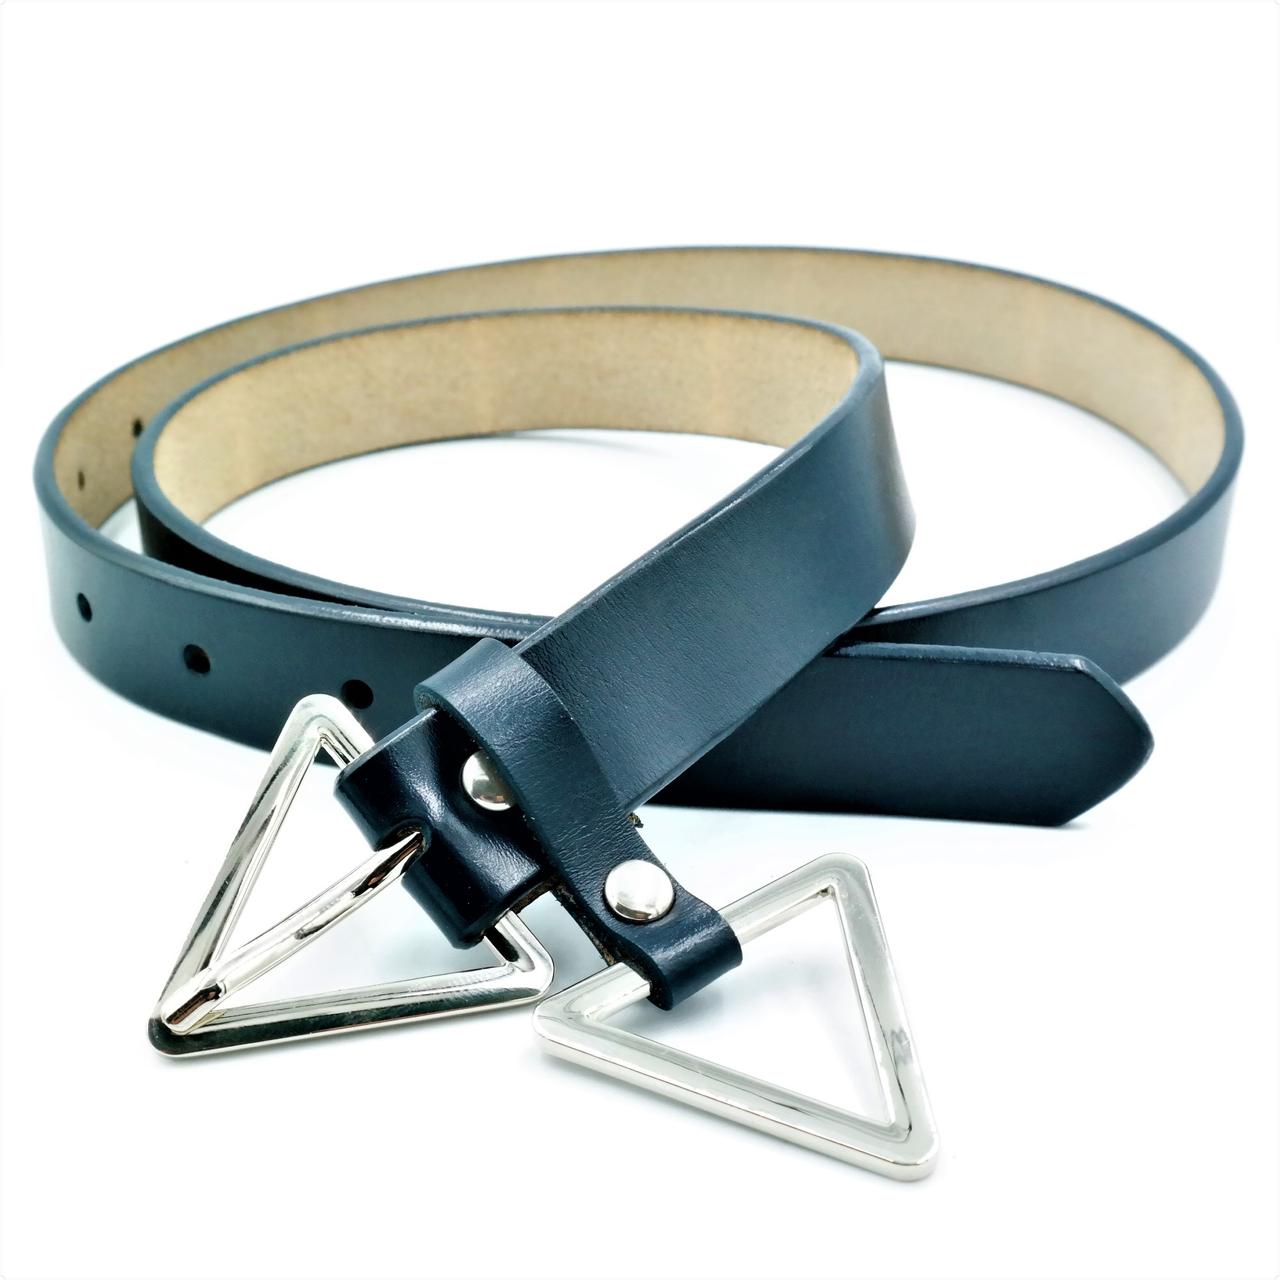 Женский кожаный ремень Le-Mon 110-115 см Тёмно-синий (nwzh-25k-0030)